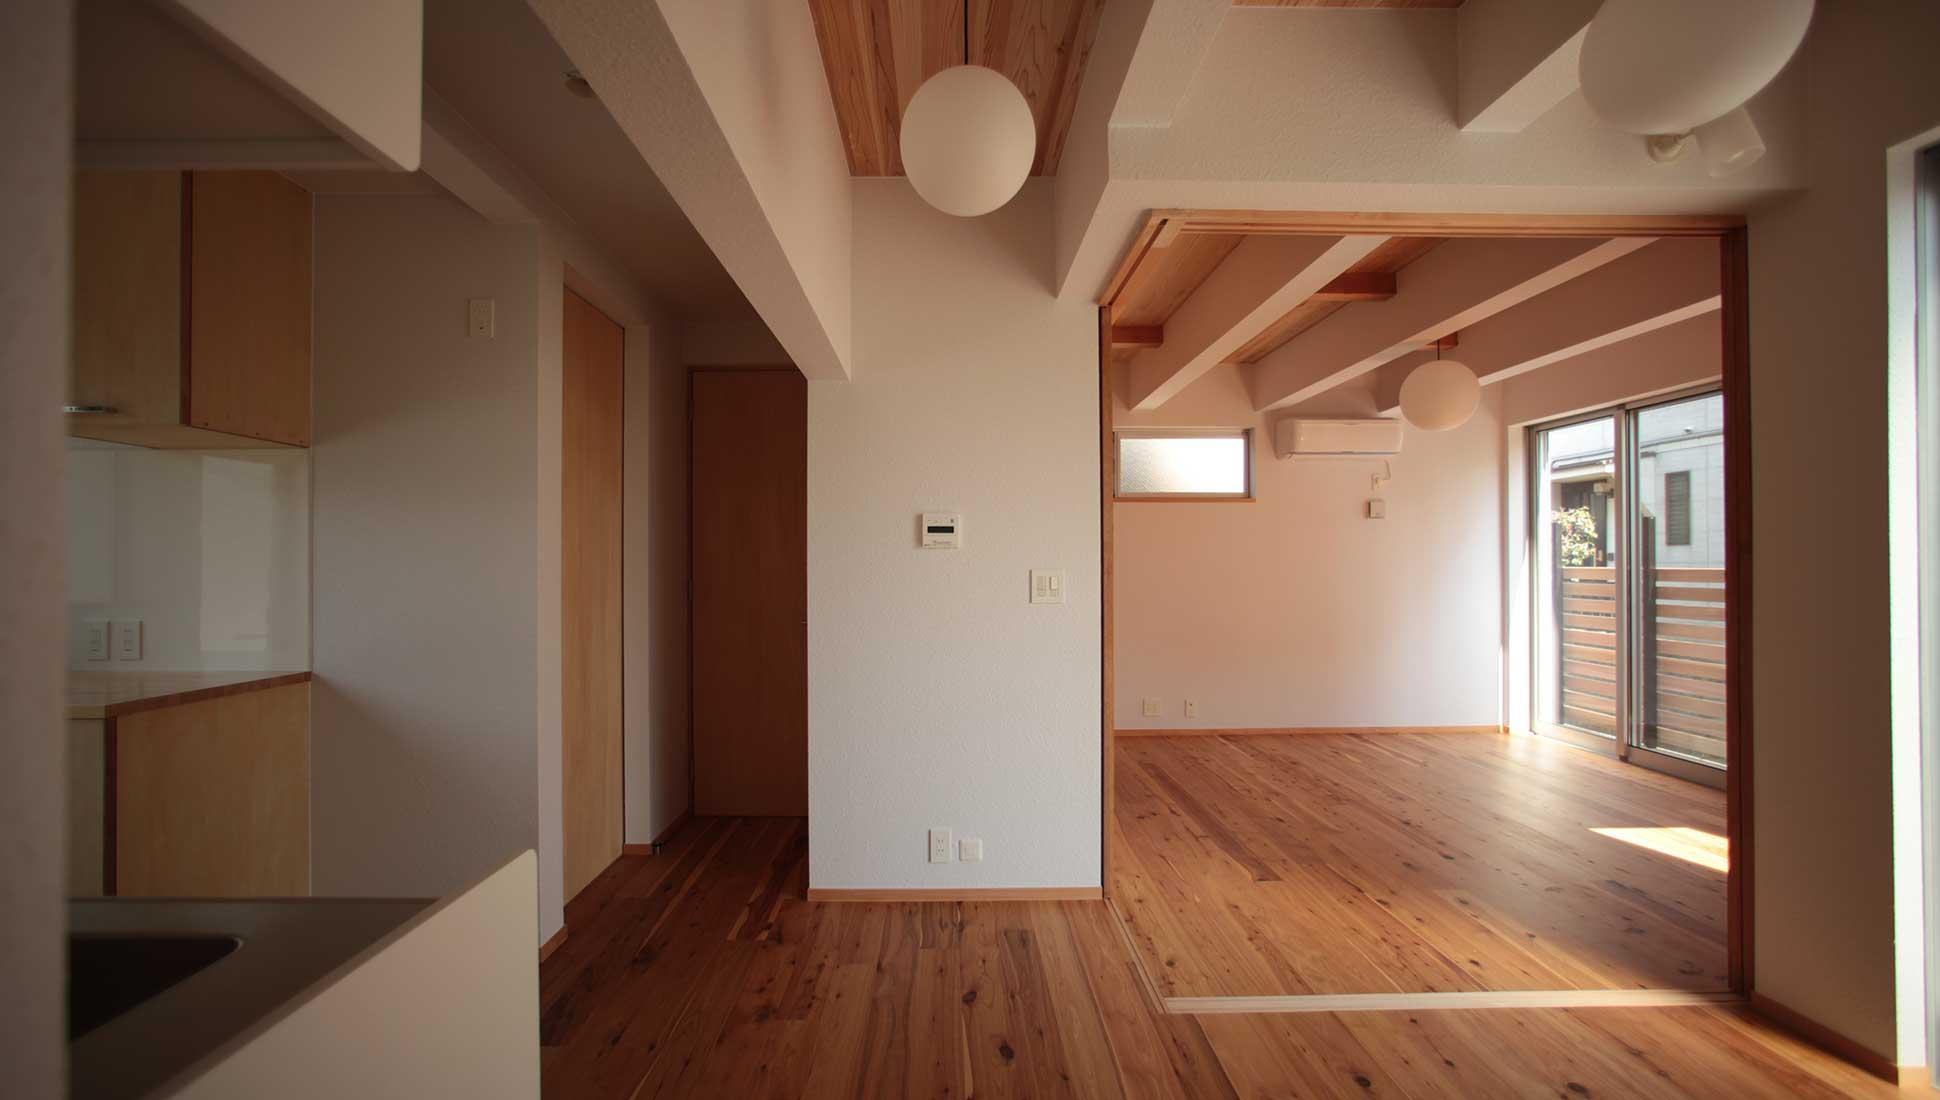 二世帯住宅の親世帯の1階リビング:Jパネルと南側階段のデザイン住宅